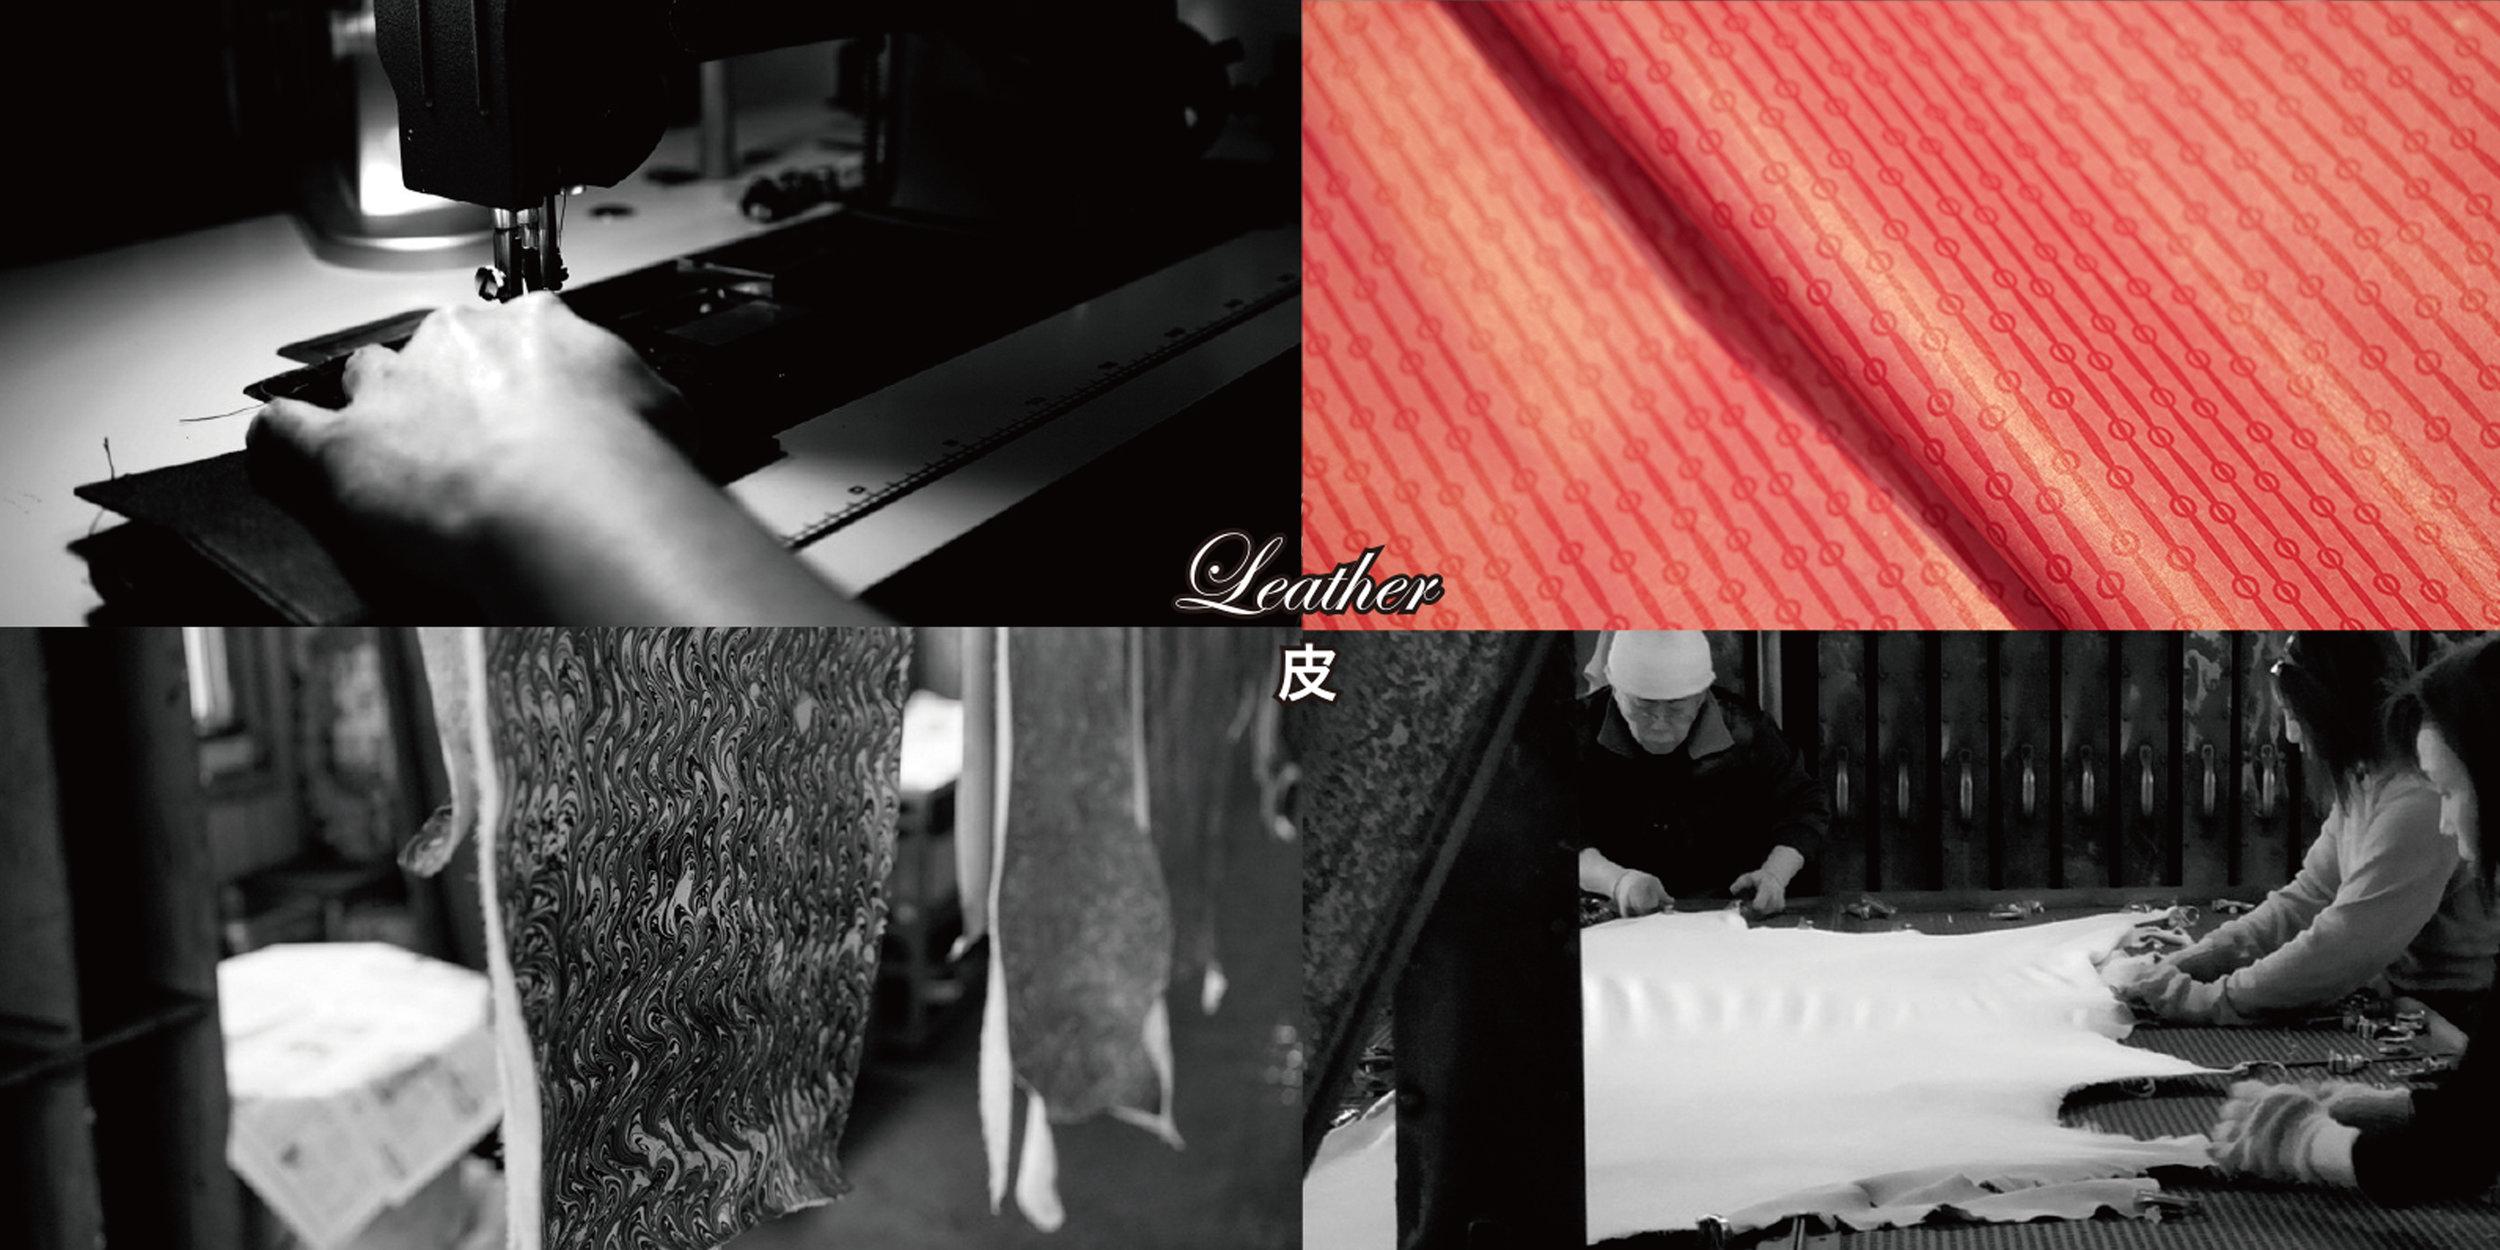 皮 leather   kyoto 伝統工芸 京都 ヴィンテージハウス 建築 vintagehouse 内装 デザイナー